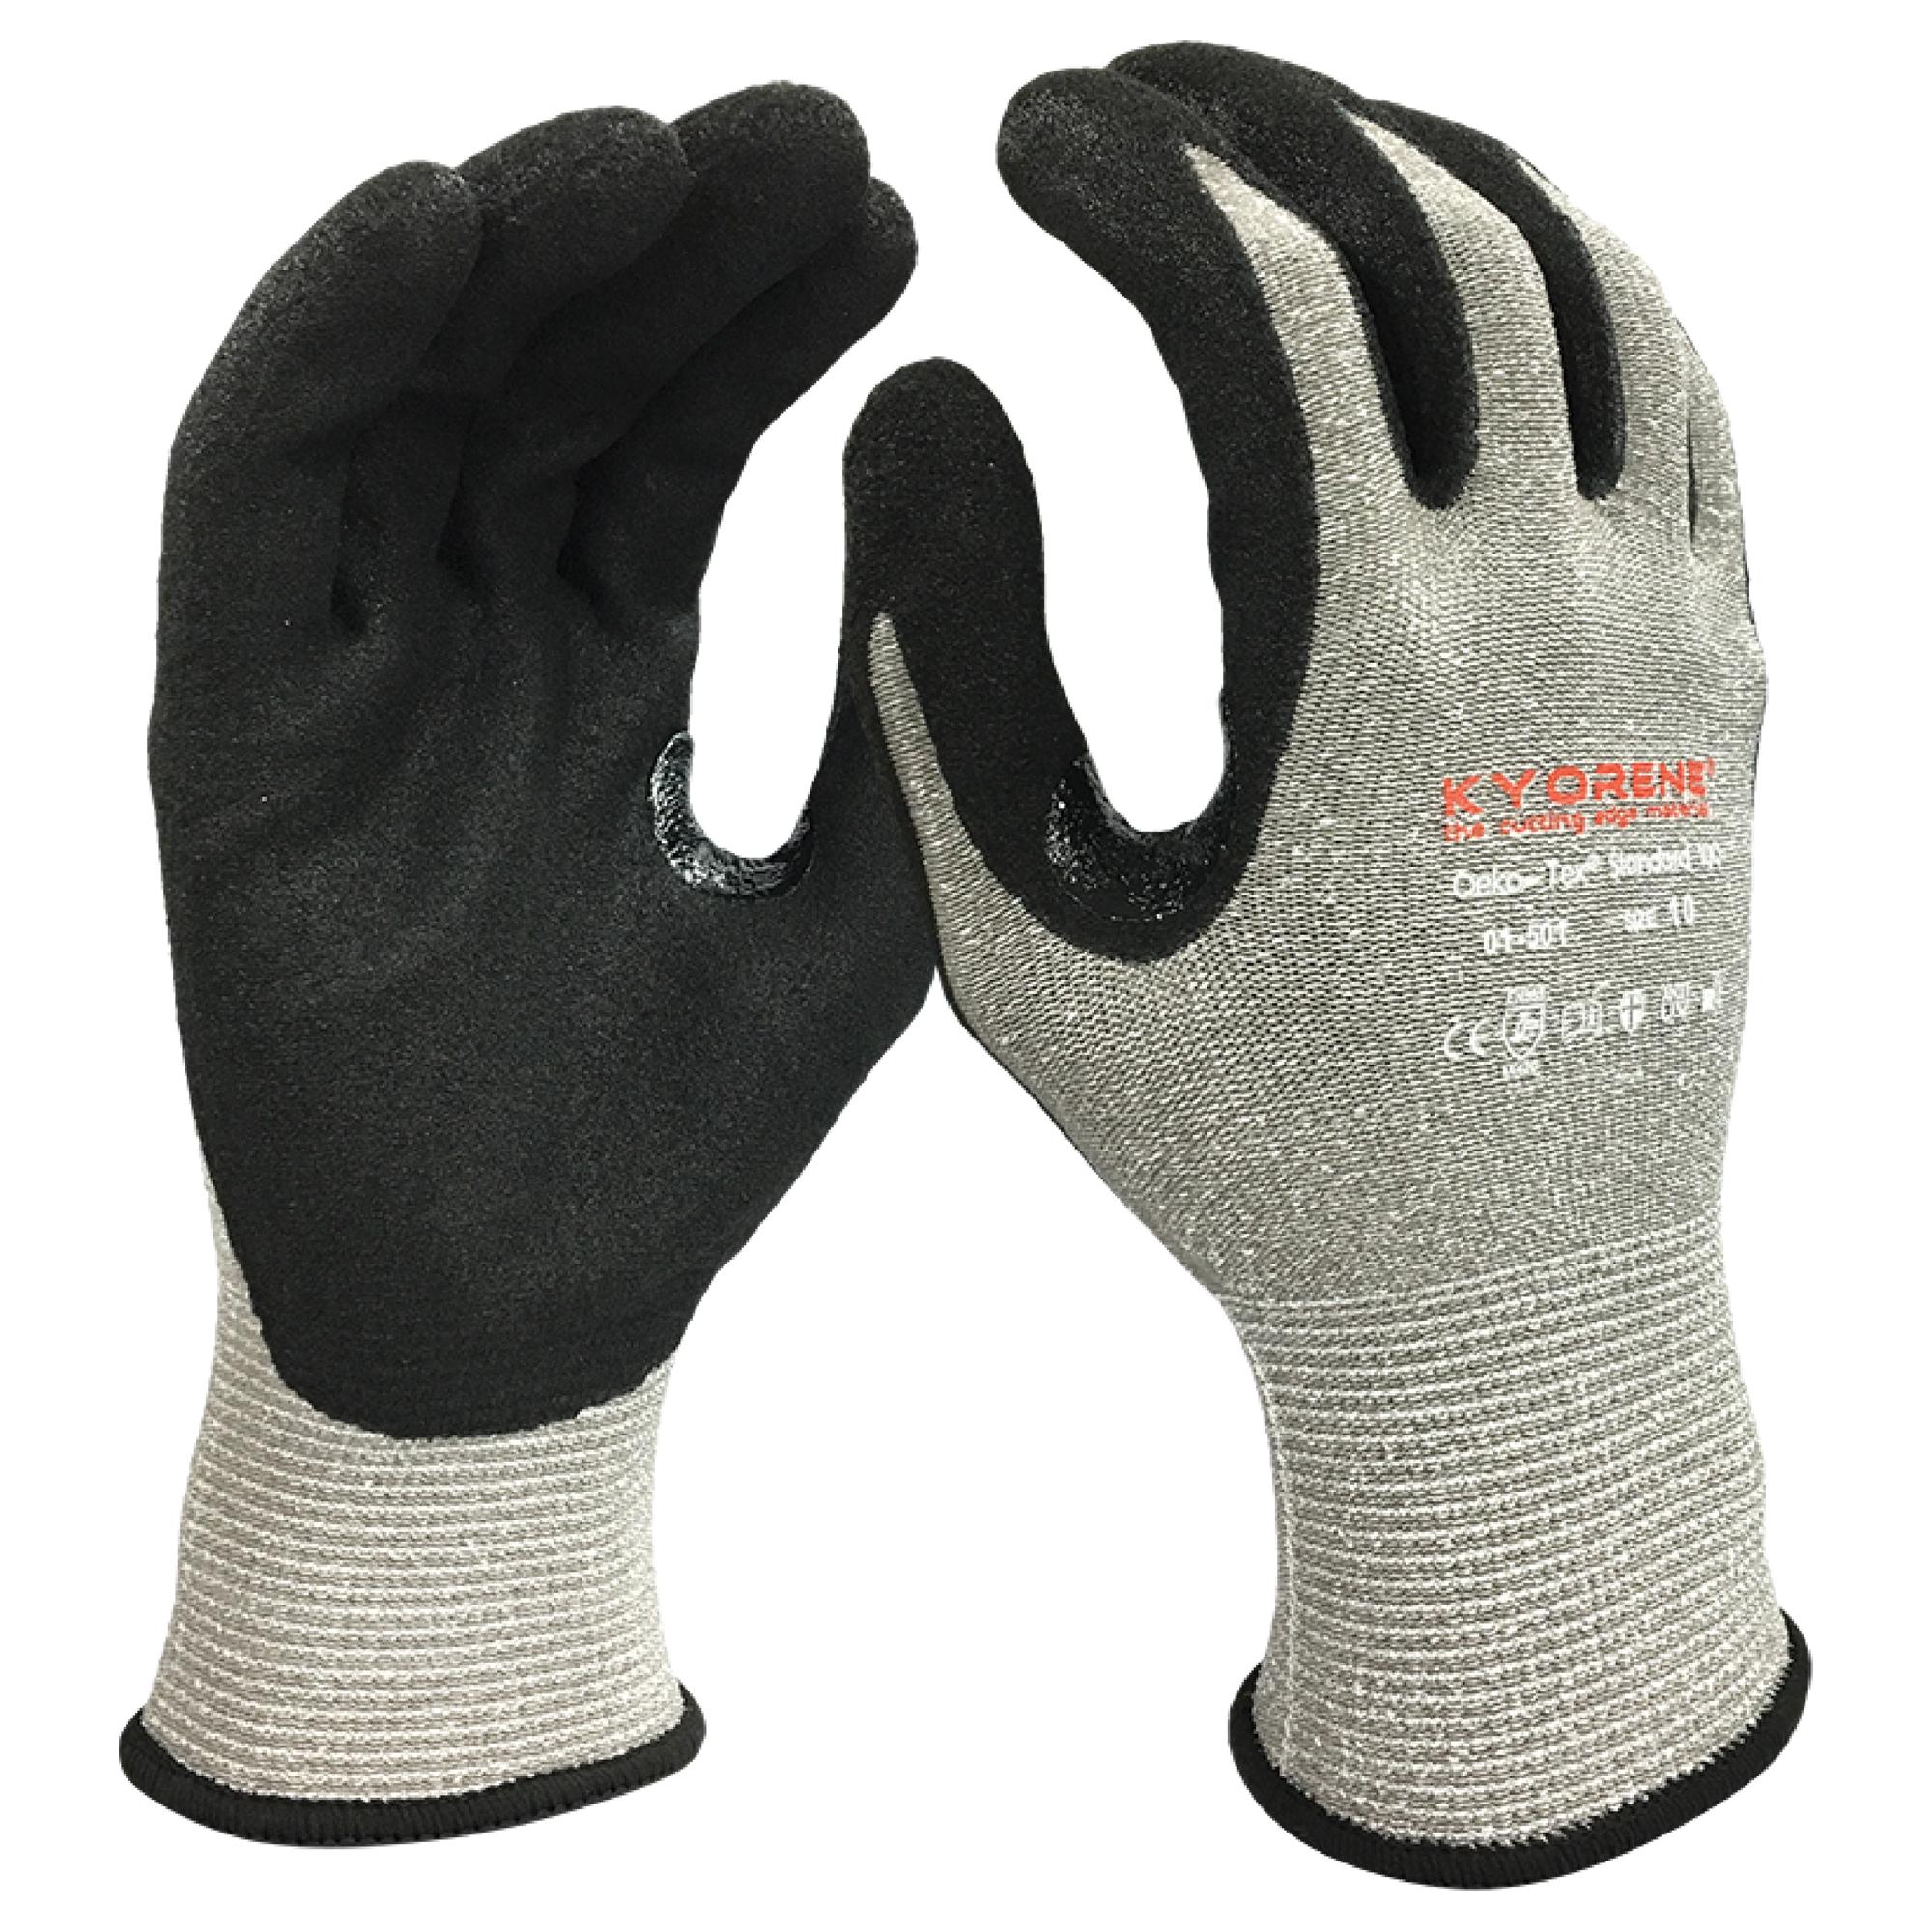 Akka® Cut-Resistant Gloves